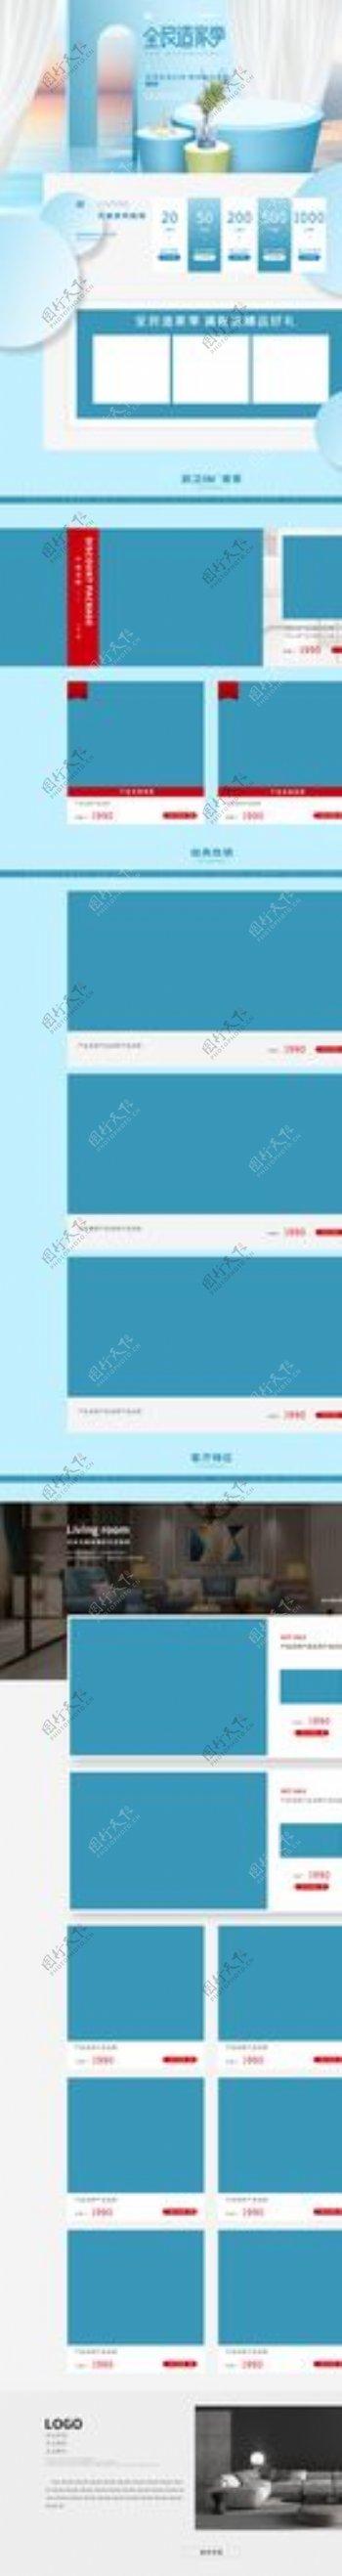 简约蓝色活动促销购物节首页设计图片